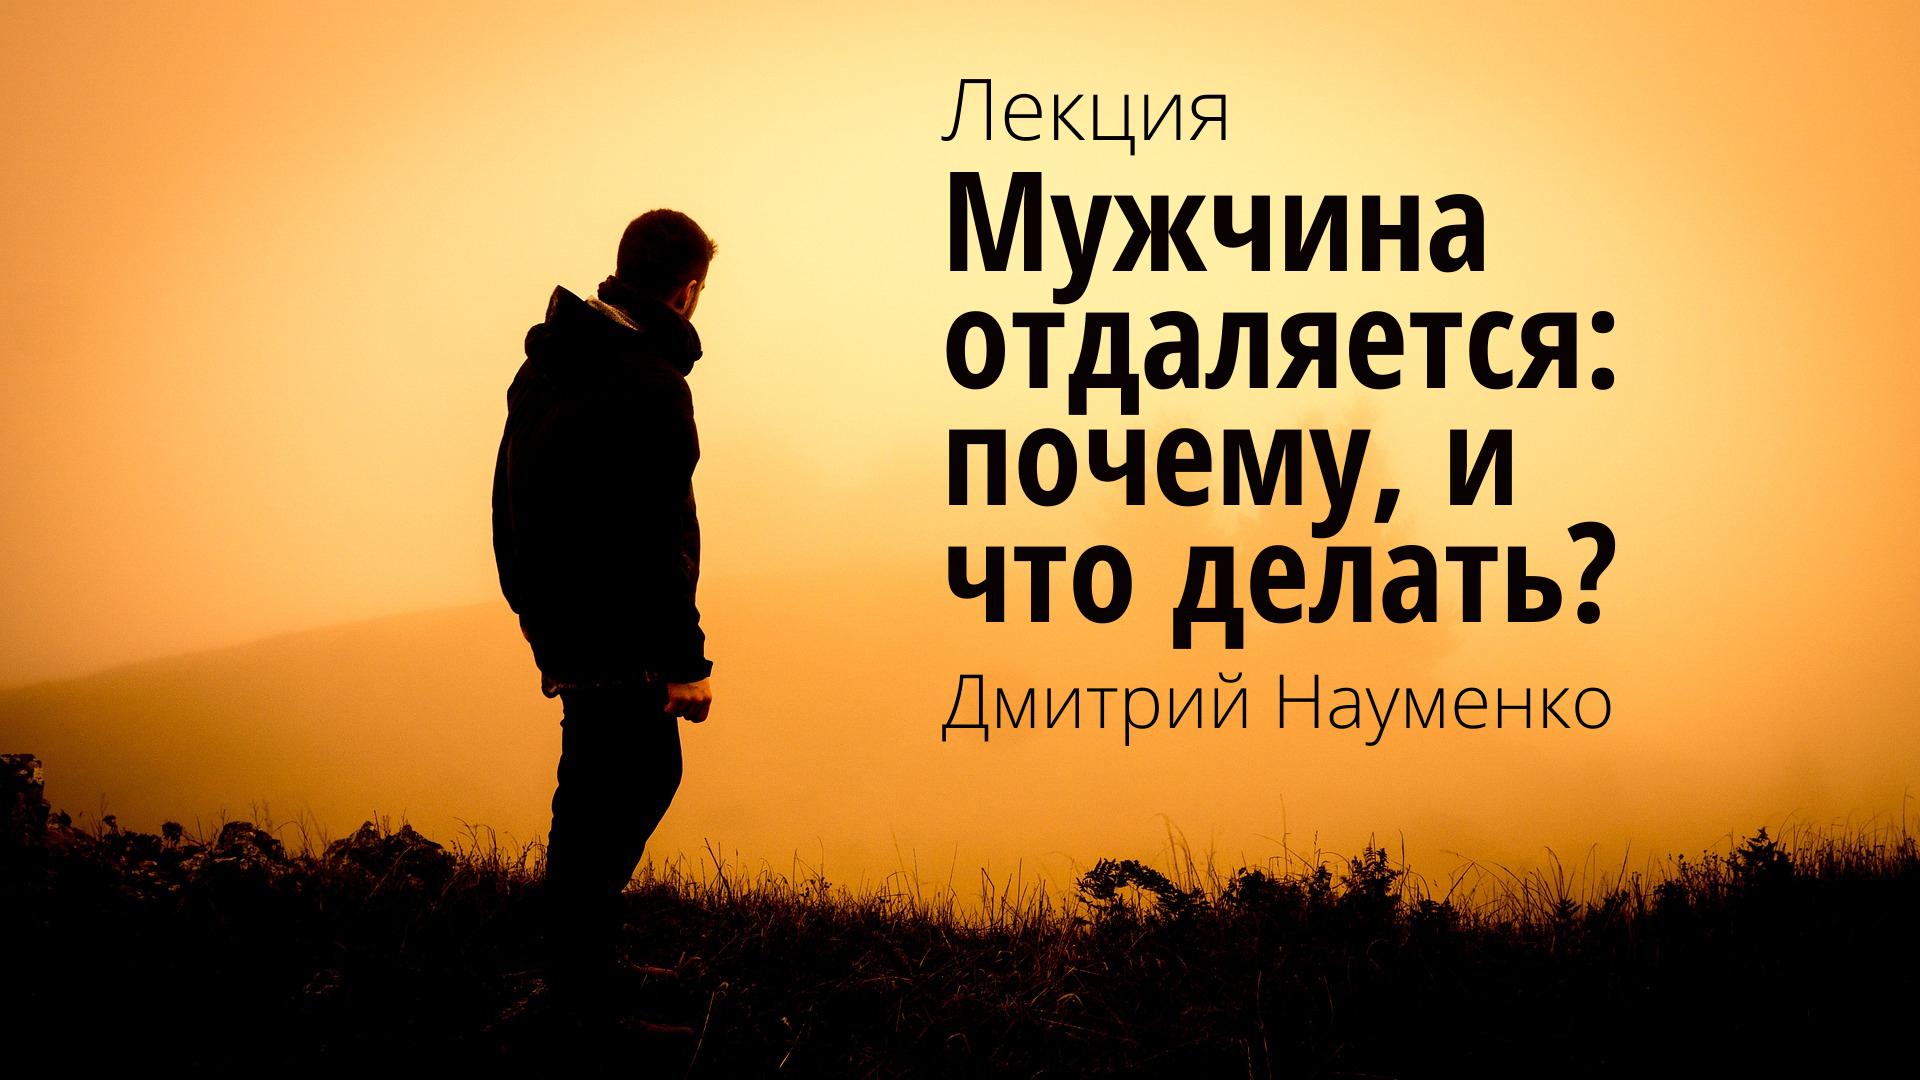 Дмитрий Науменко - Мужчина отдаляется: почему, и что делать?